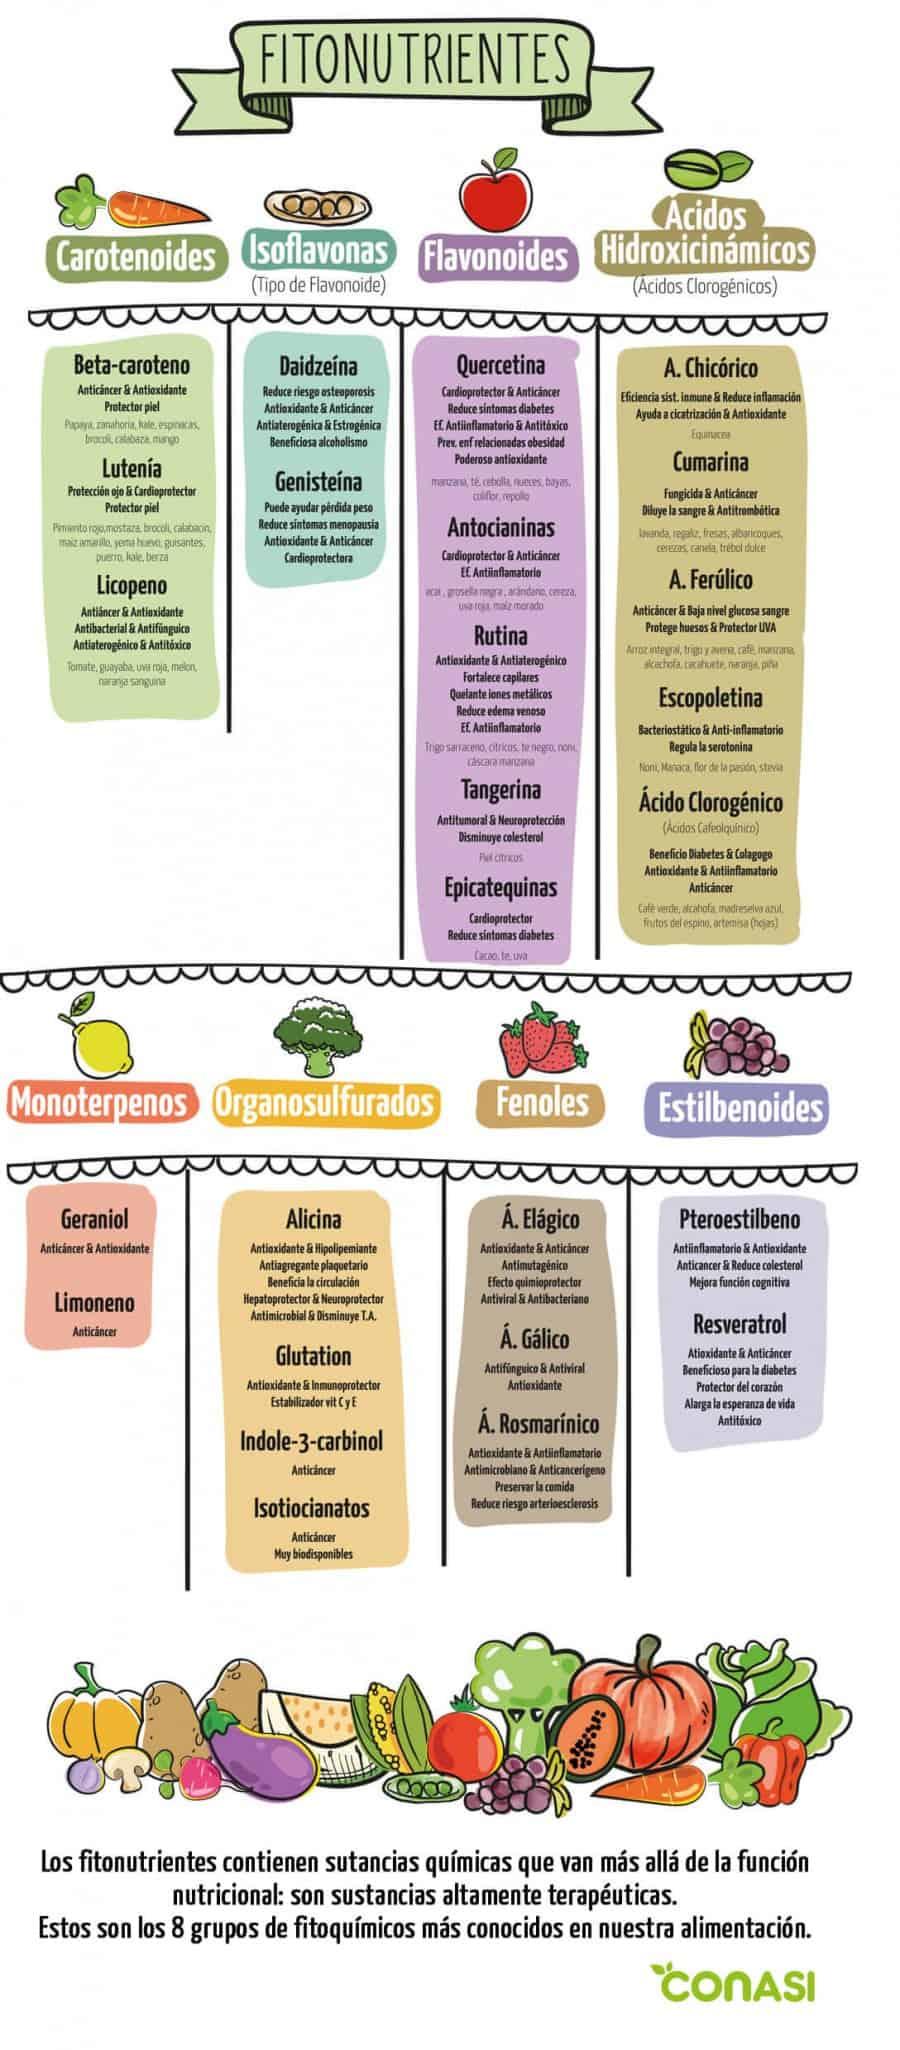 Fitoquimicos o fitonutrientes